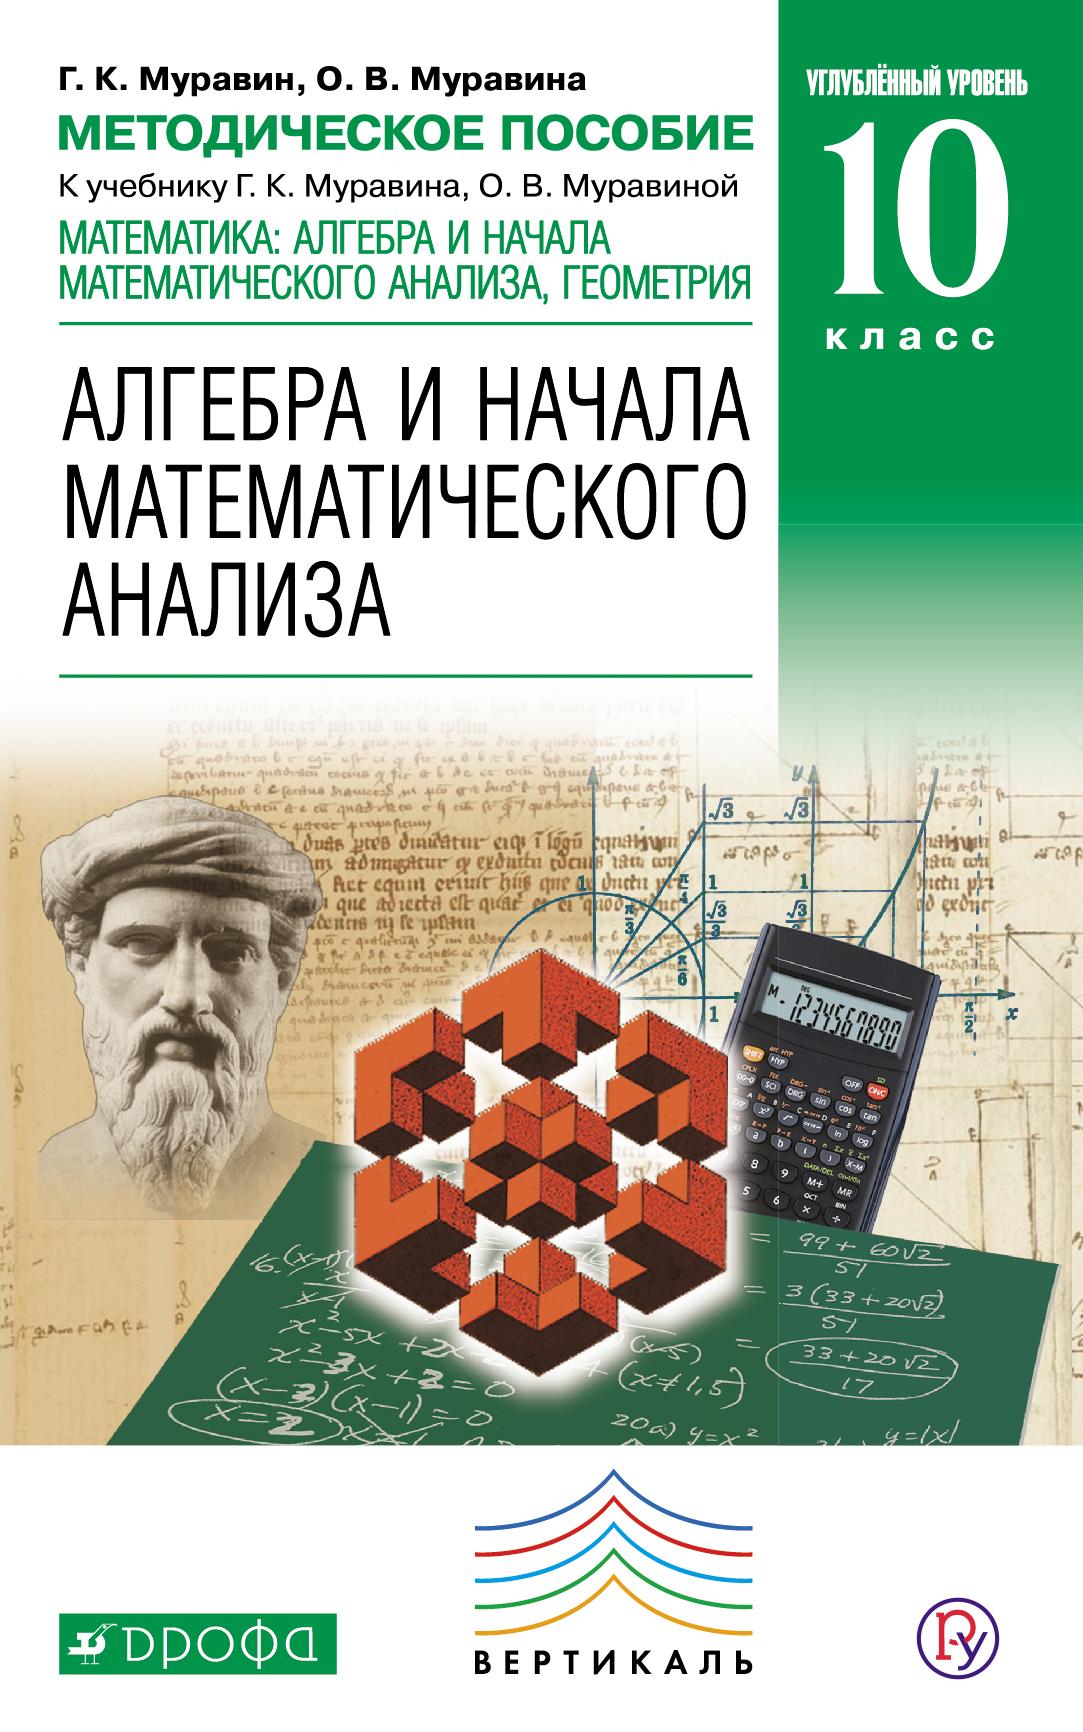 Математика: алгебра и начала математического анализа, геометрия. Алгебра и начала математического анализа. Углубленный уровень. 10 класс. Методическое пособие